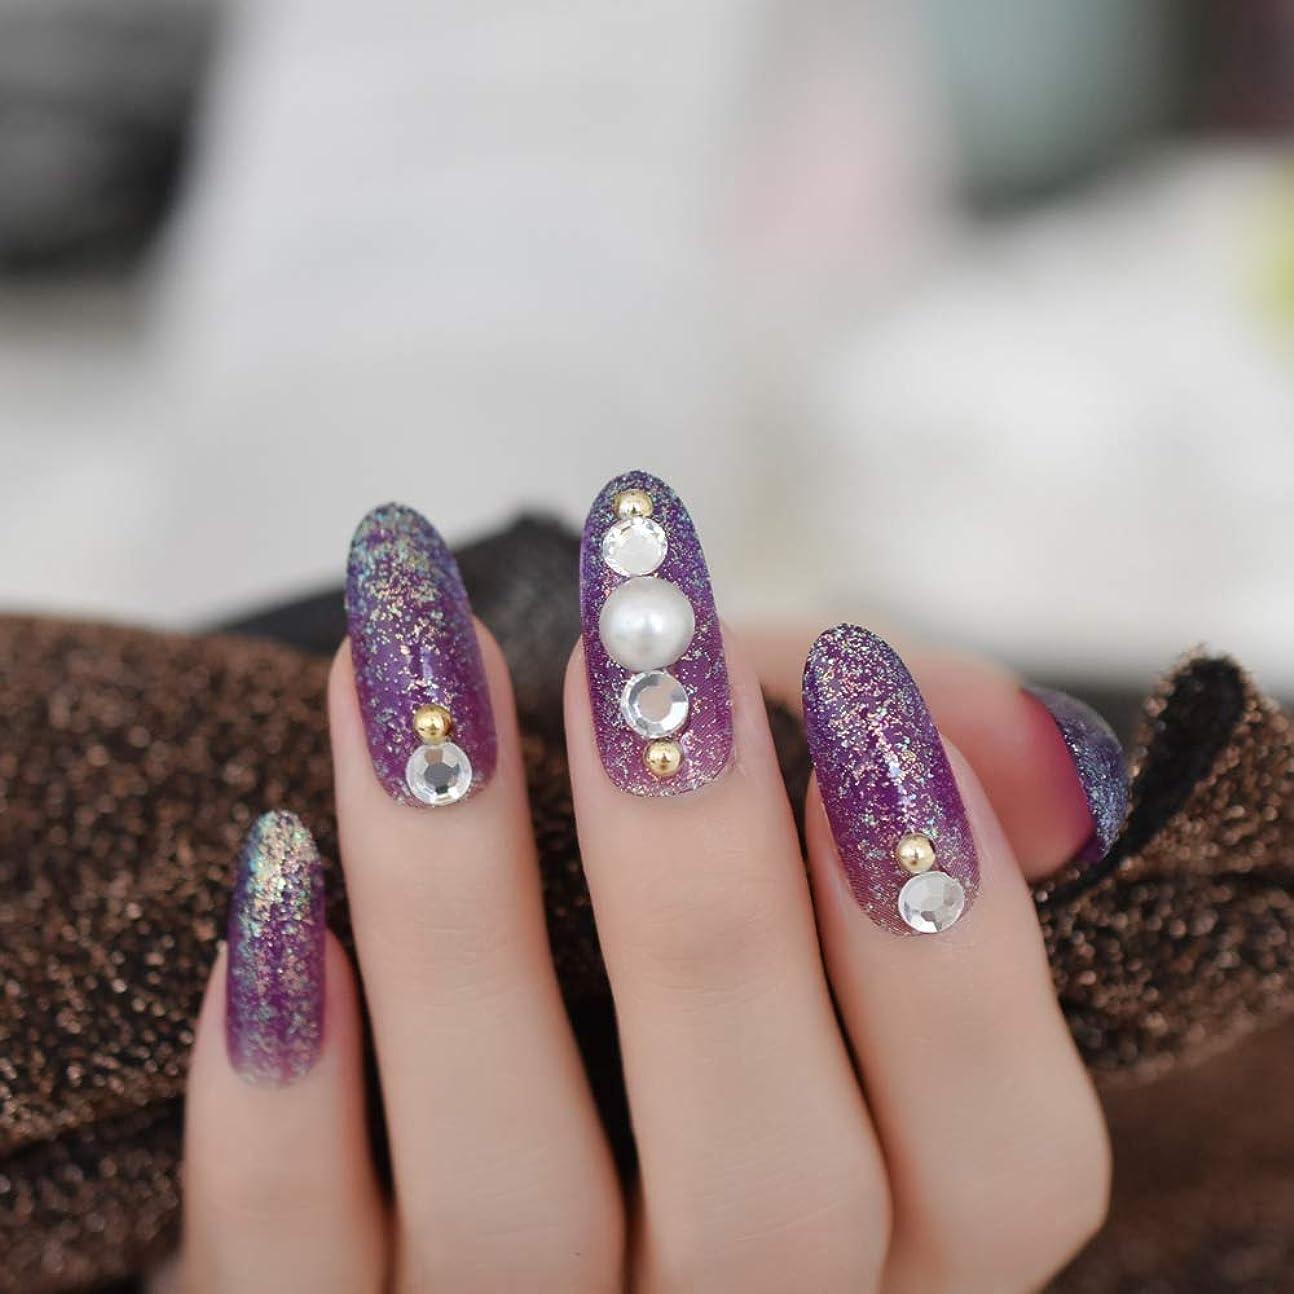 ジェームズダイソン後ろに自己尊重XUTXZKA 指のタブのために装飾された長い楕円形のキラキラ偽の釘紫大